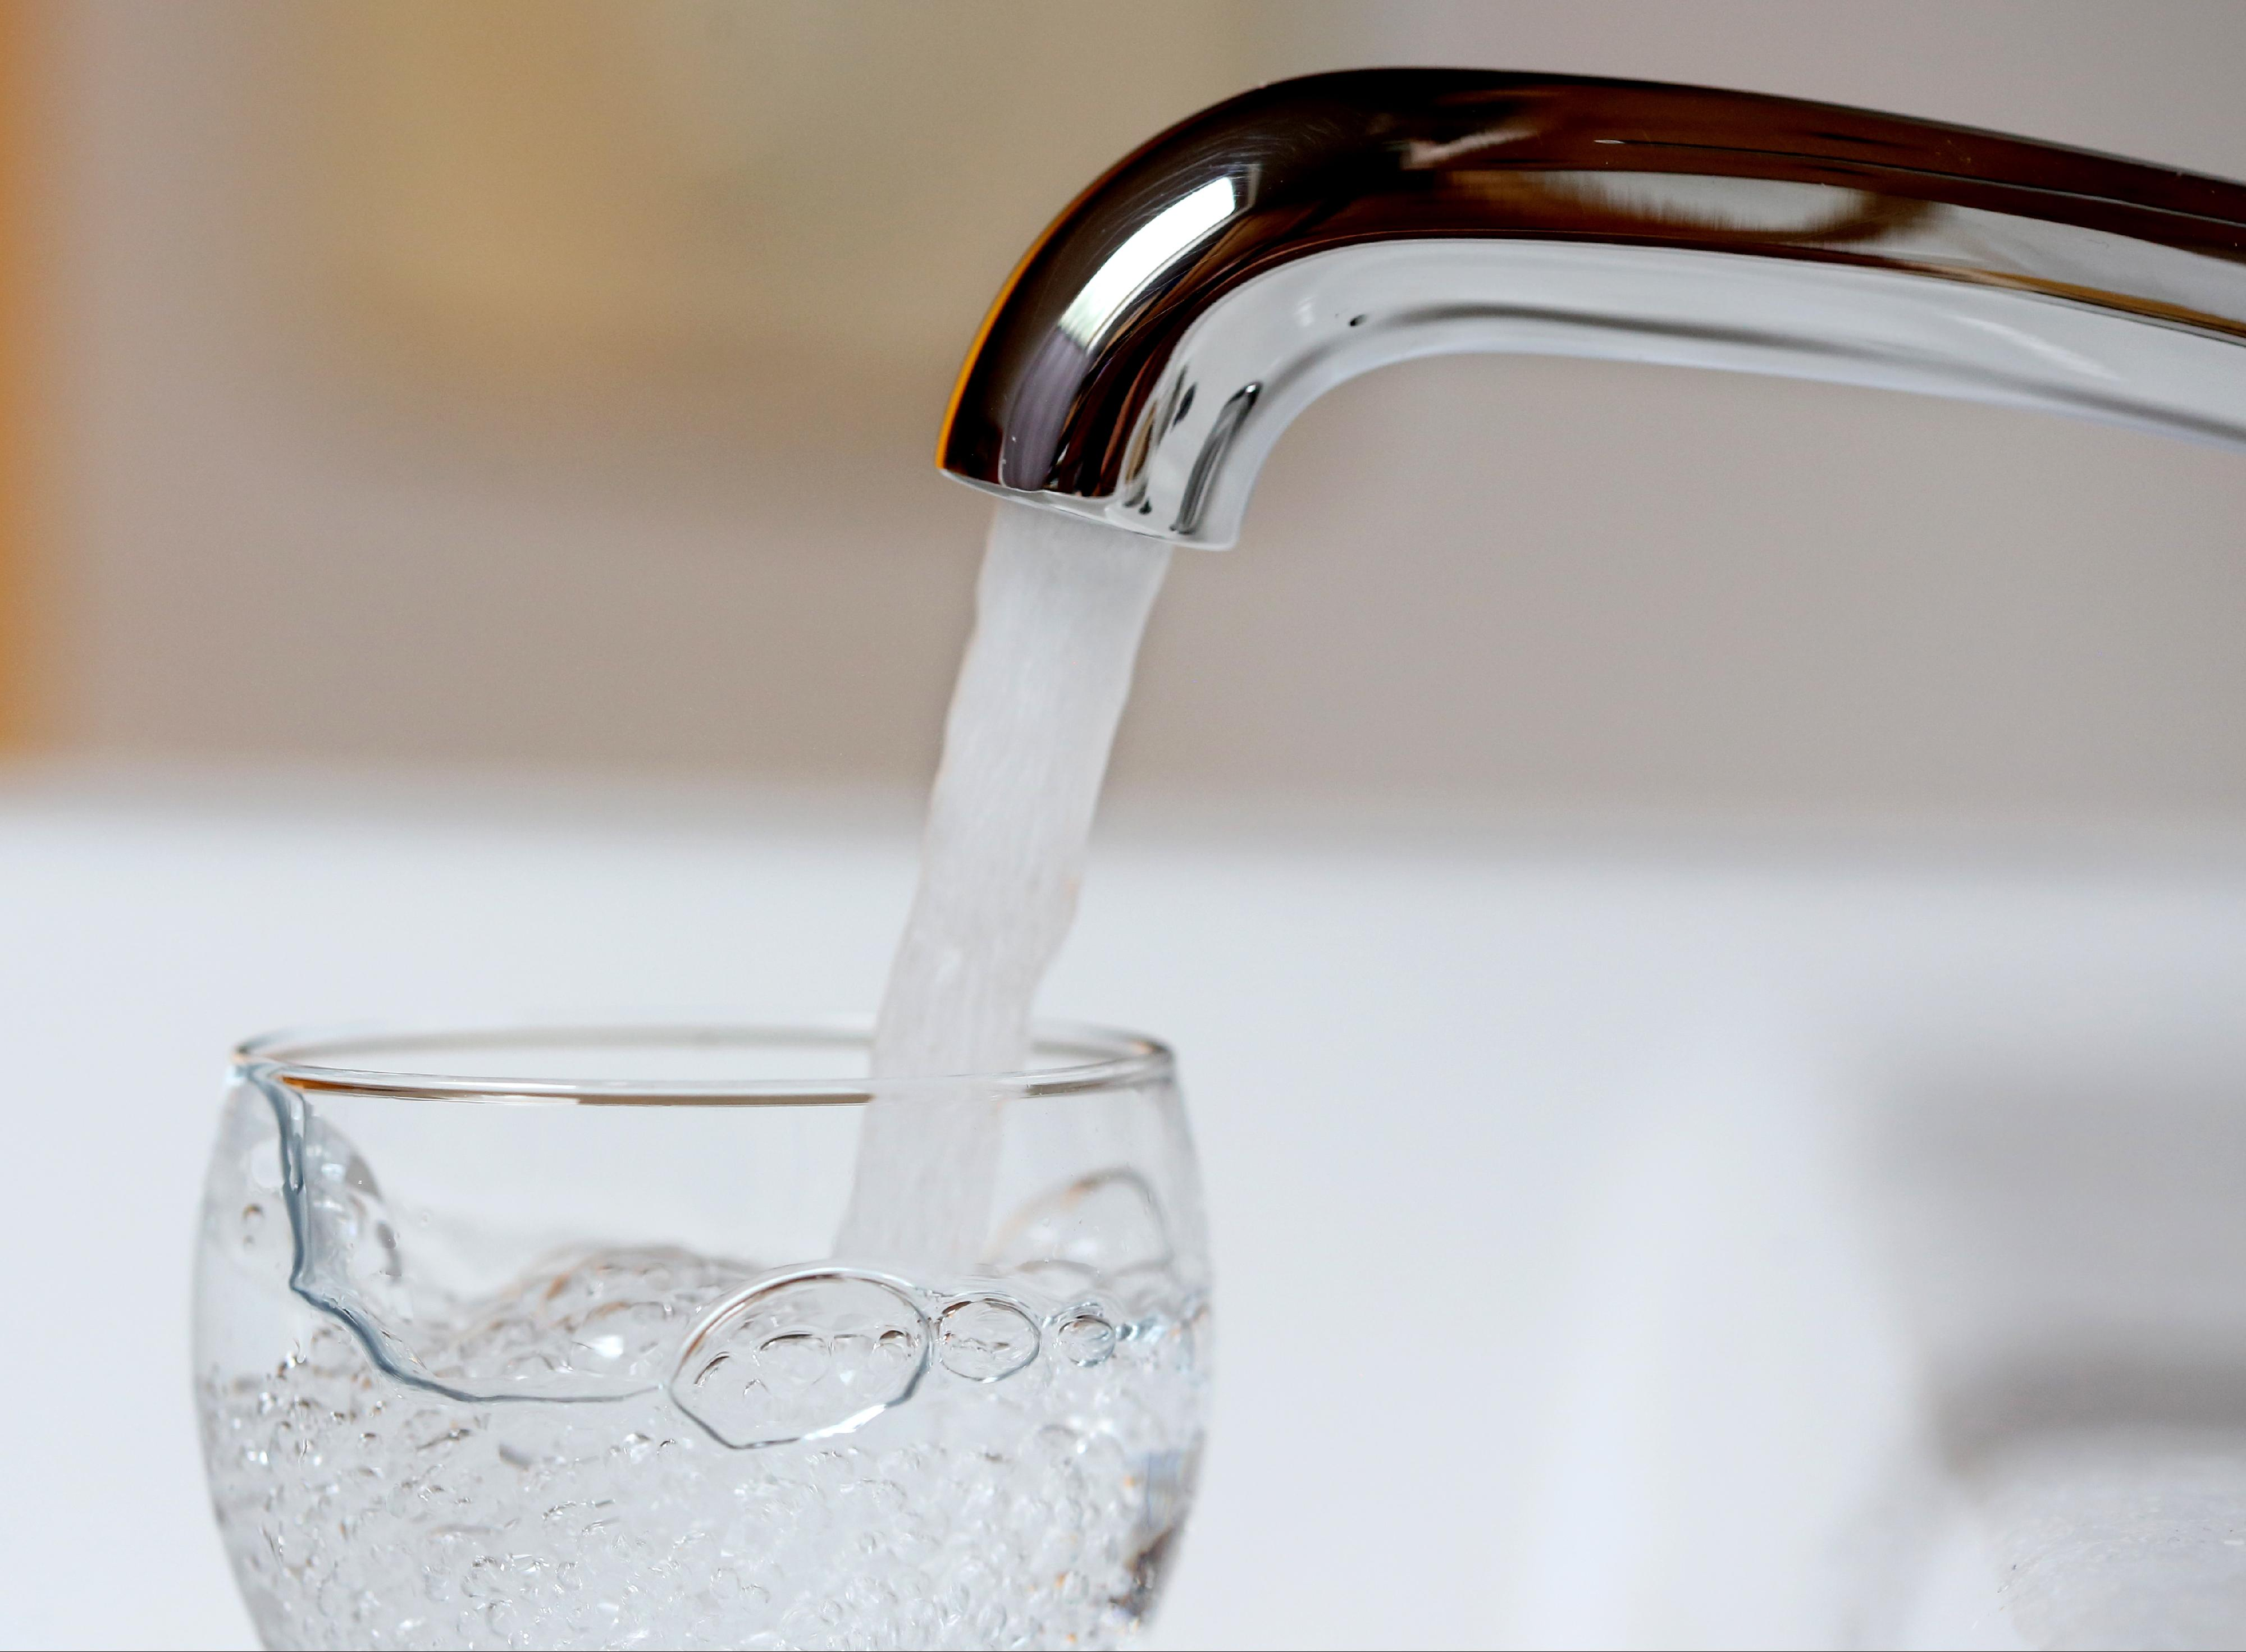 Reparaturarbeiten am Wassernetz: Hier ist mit Wassertrübungen zu rechnen